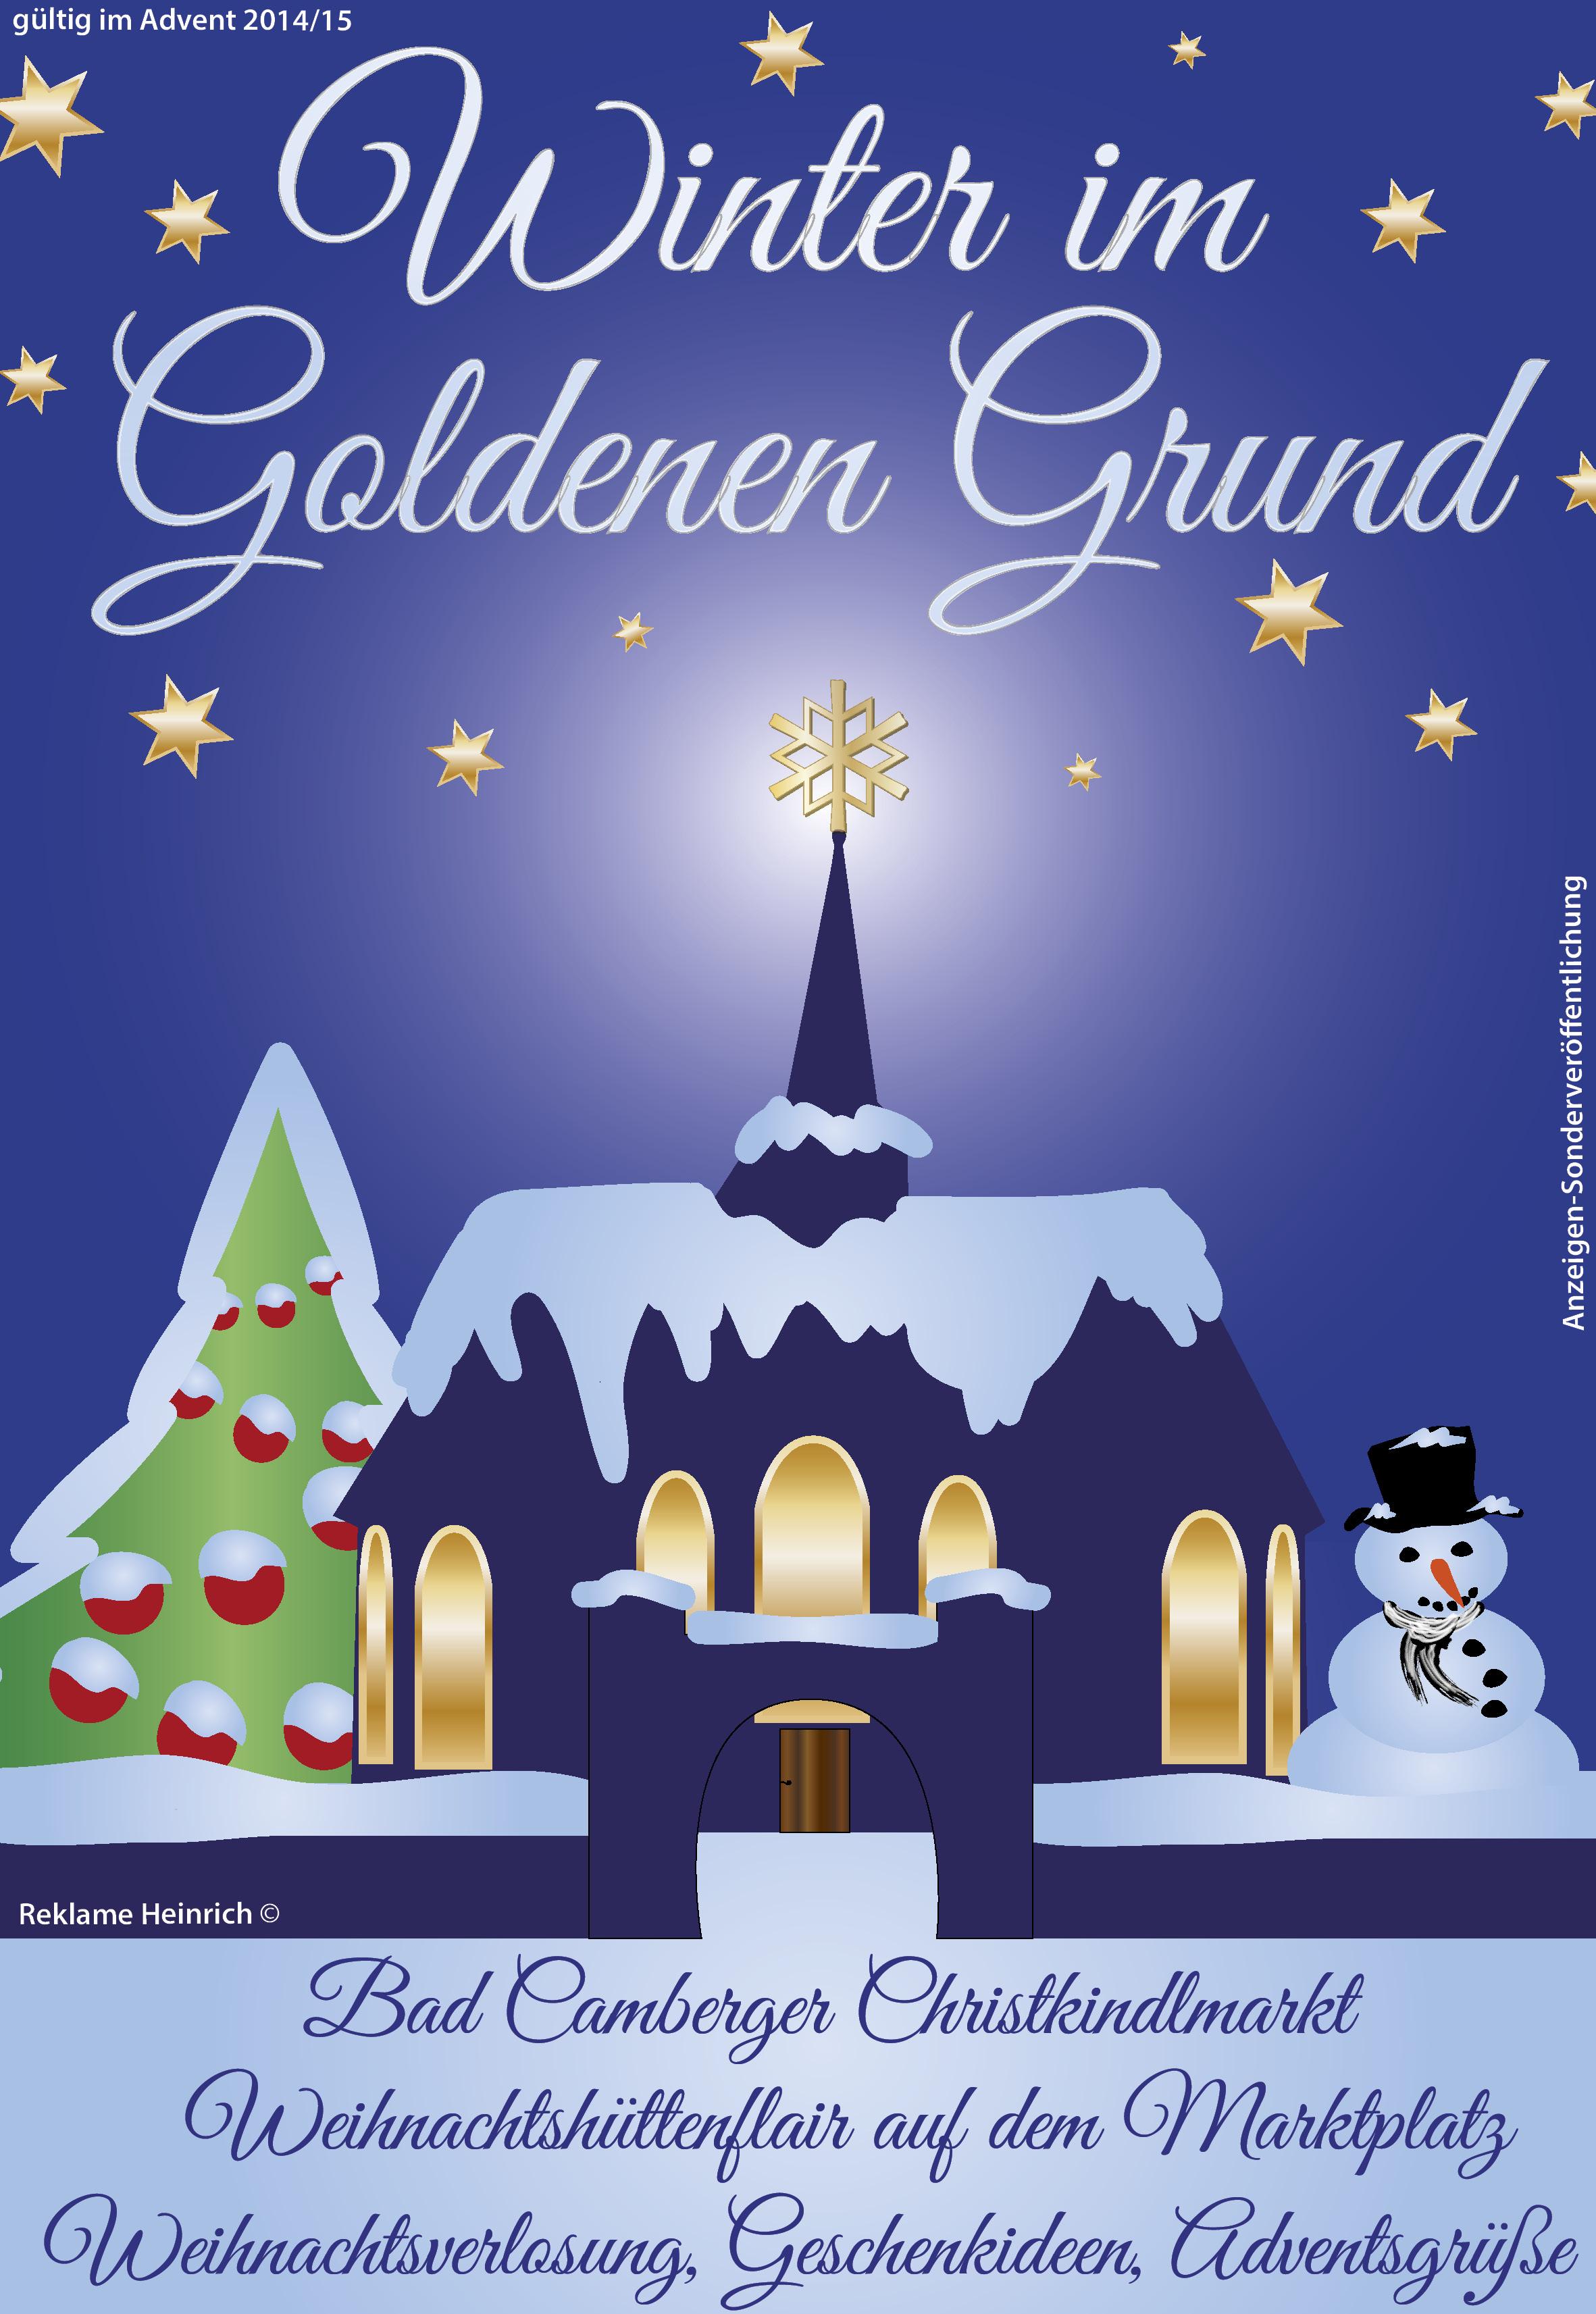 Winter im Goldenen Grund 2014